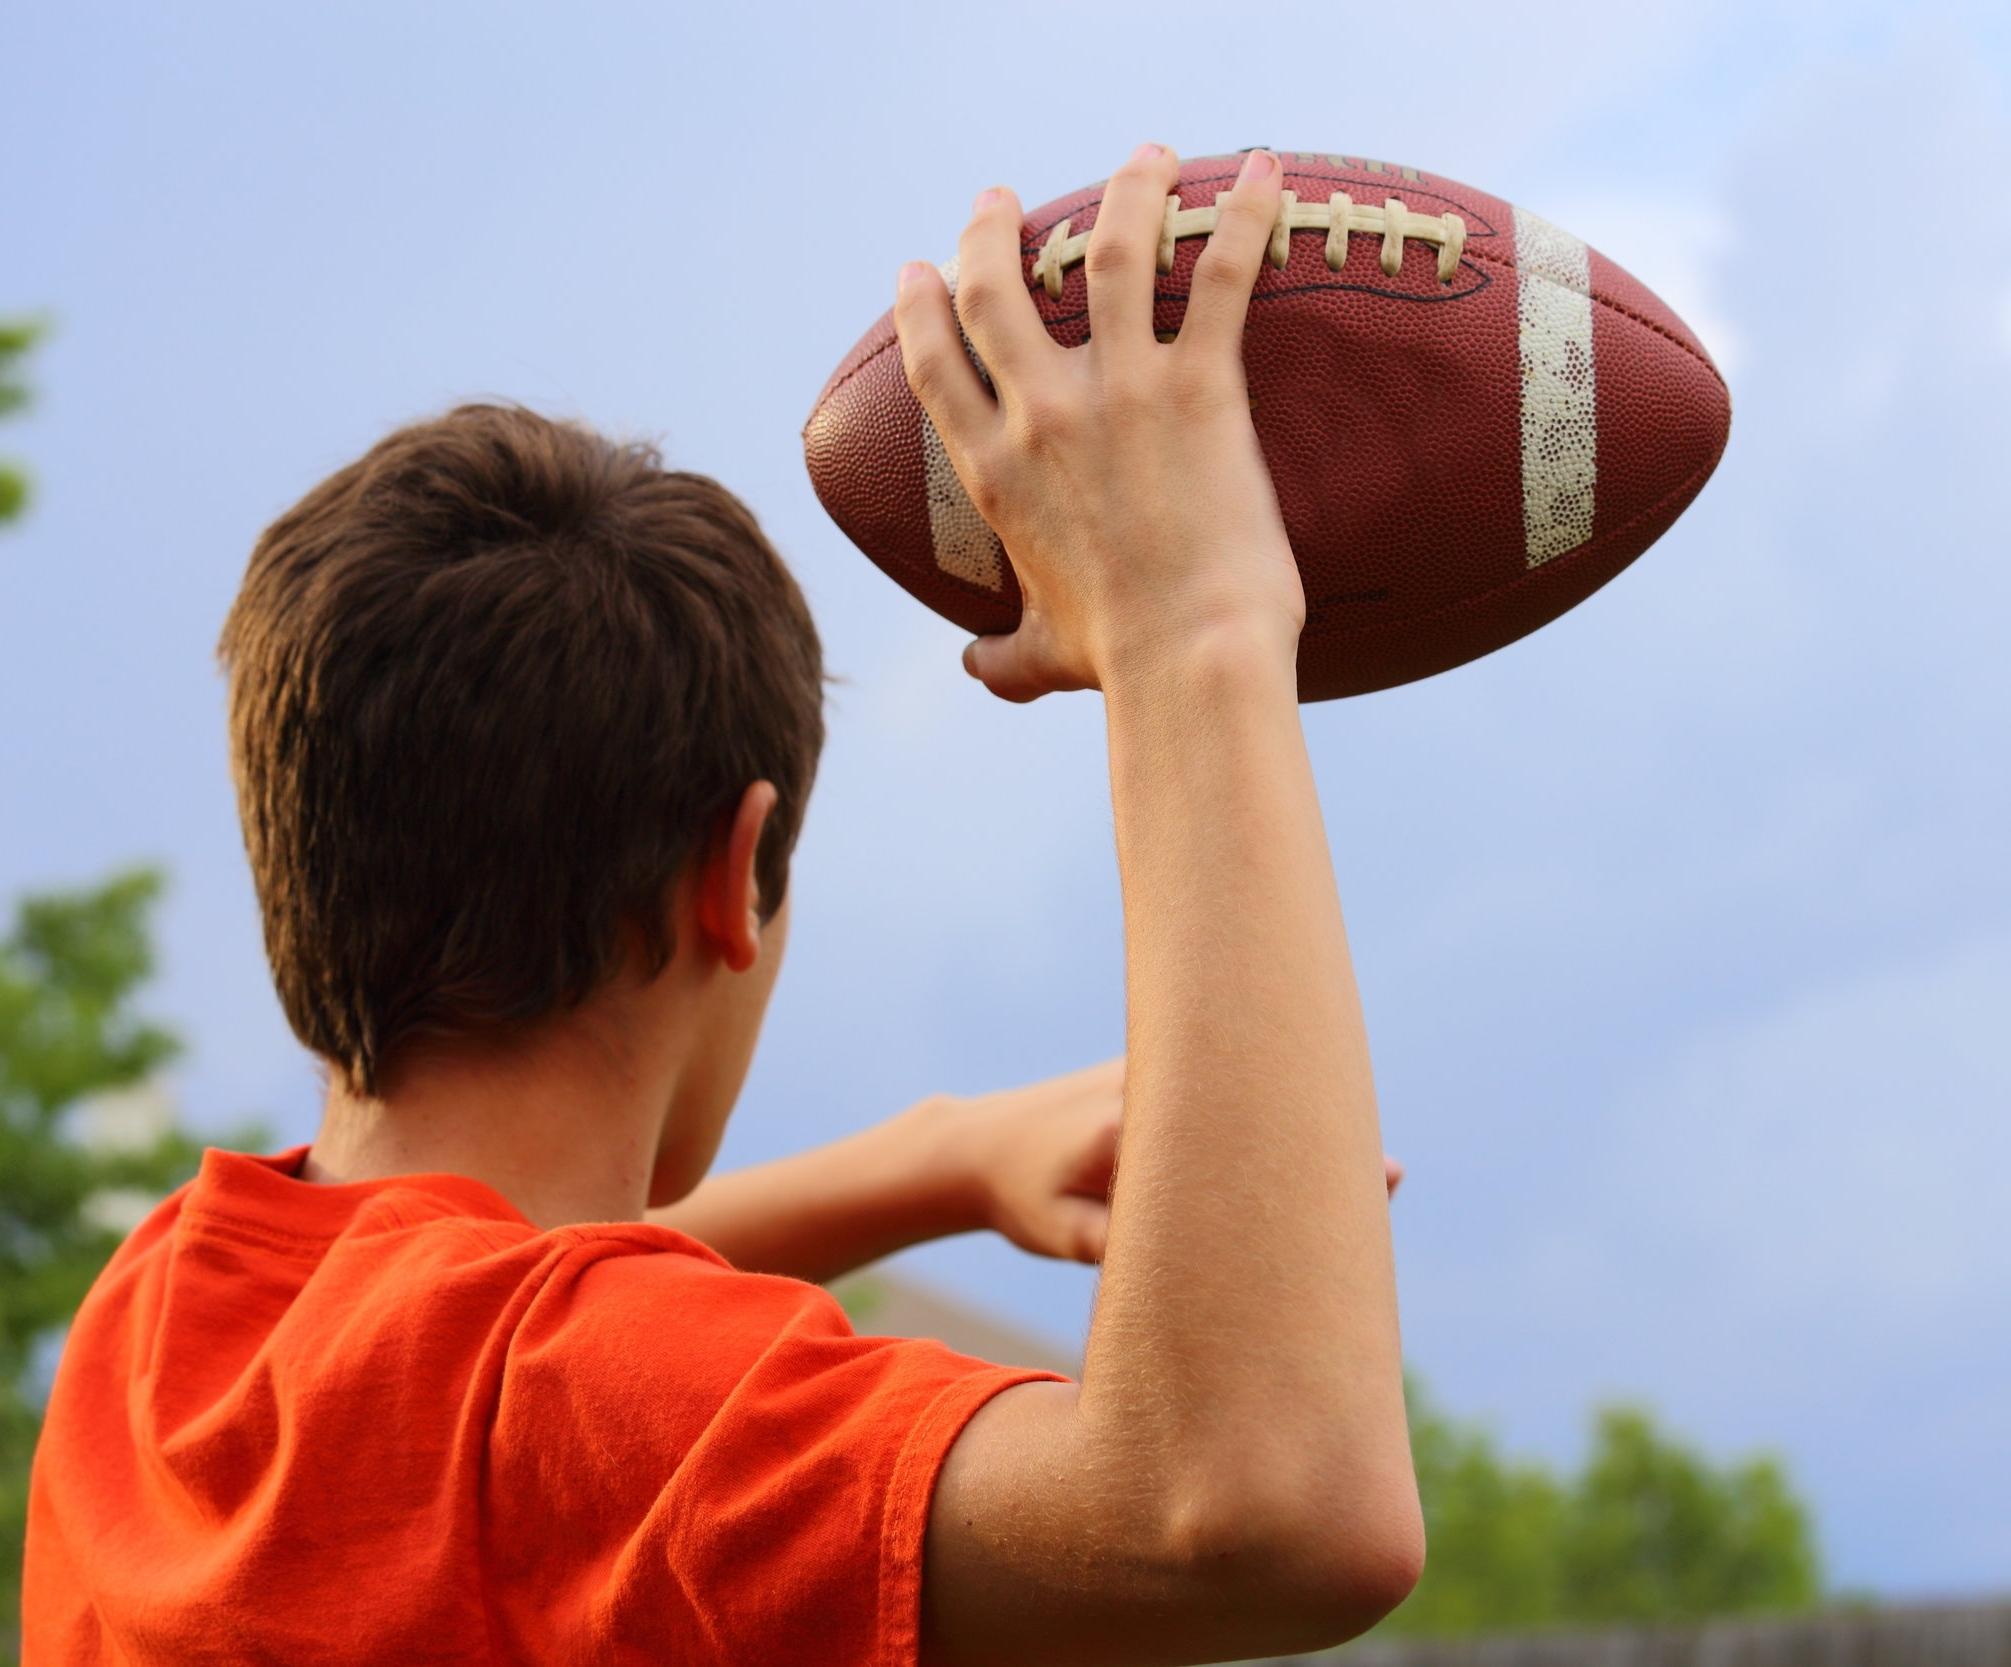 Football Toss